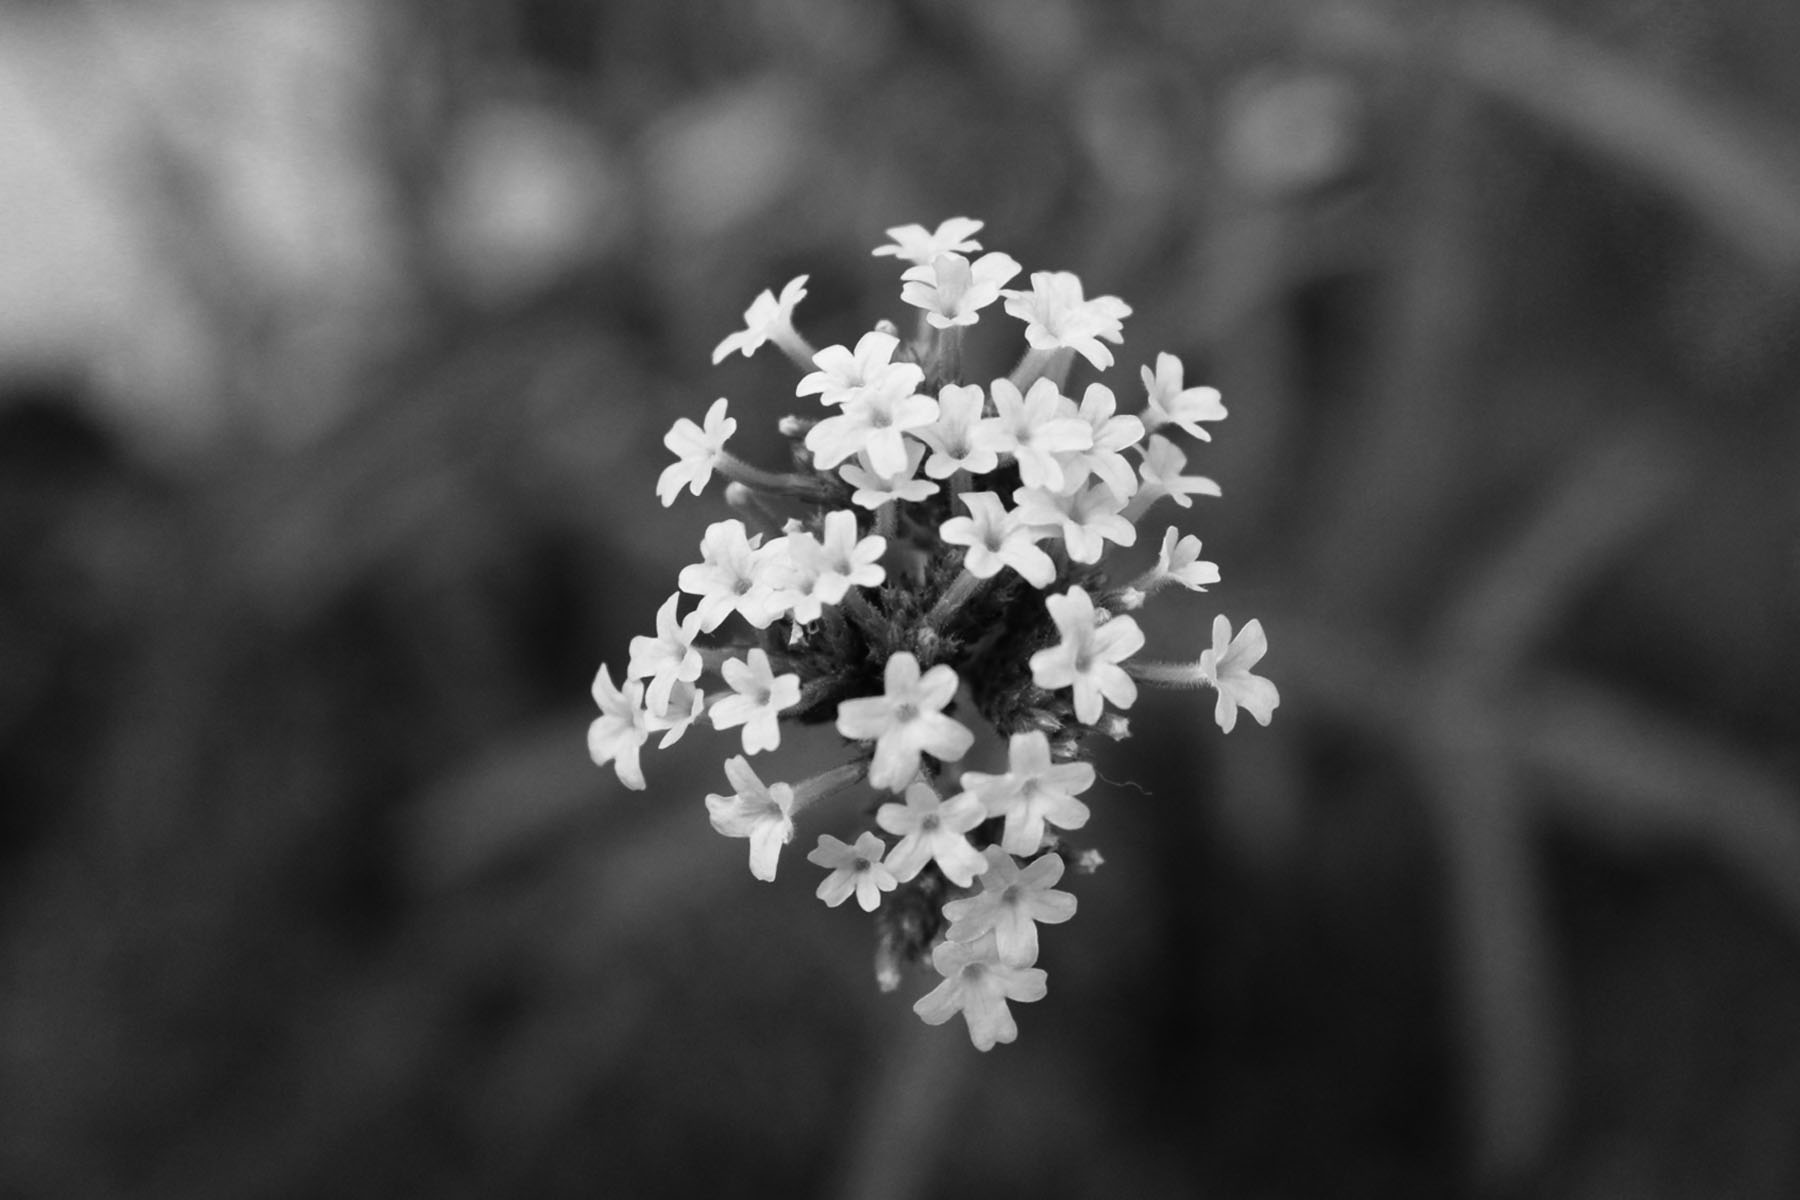 Flower wallpaper tumblr black and white